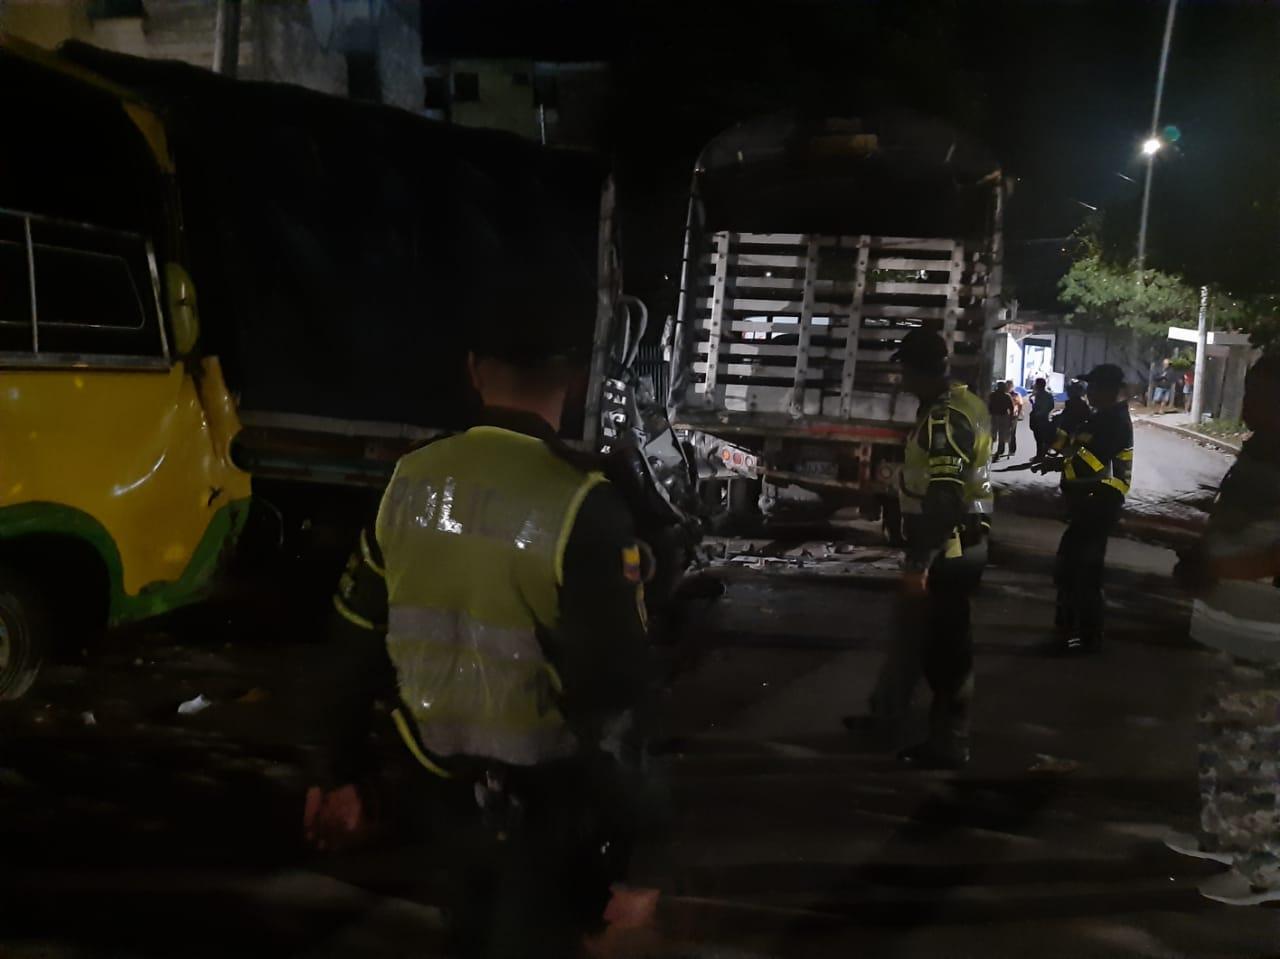 Bus sin frenos dejó nueve heridos y múltiples daños materiales en el Norte de Bucaramanga  | Local | Justicia | EL FRENTE